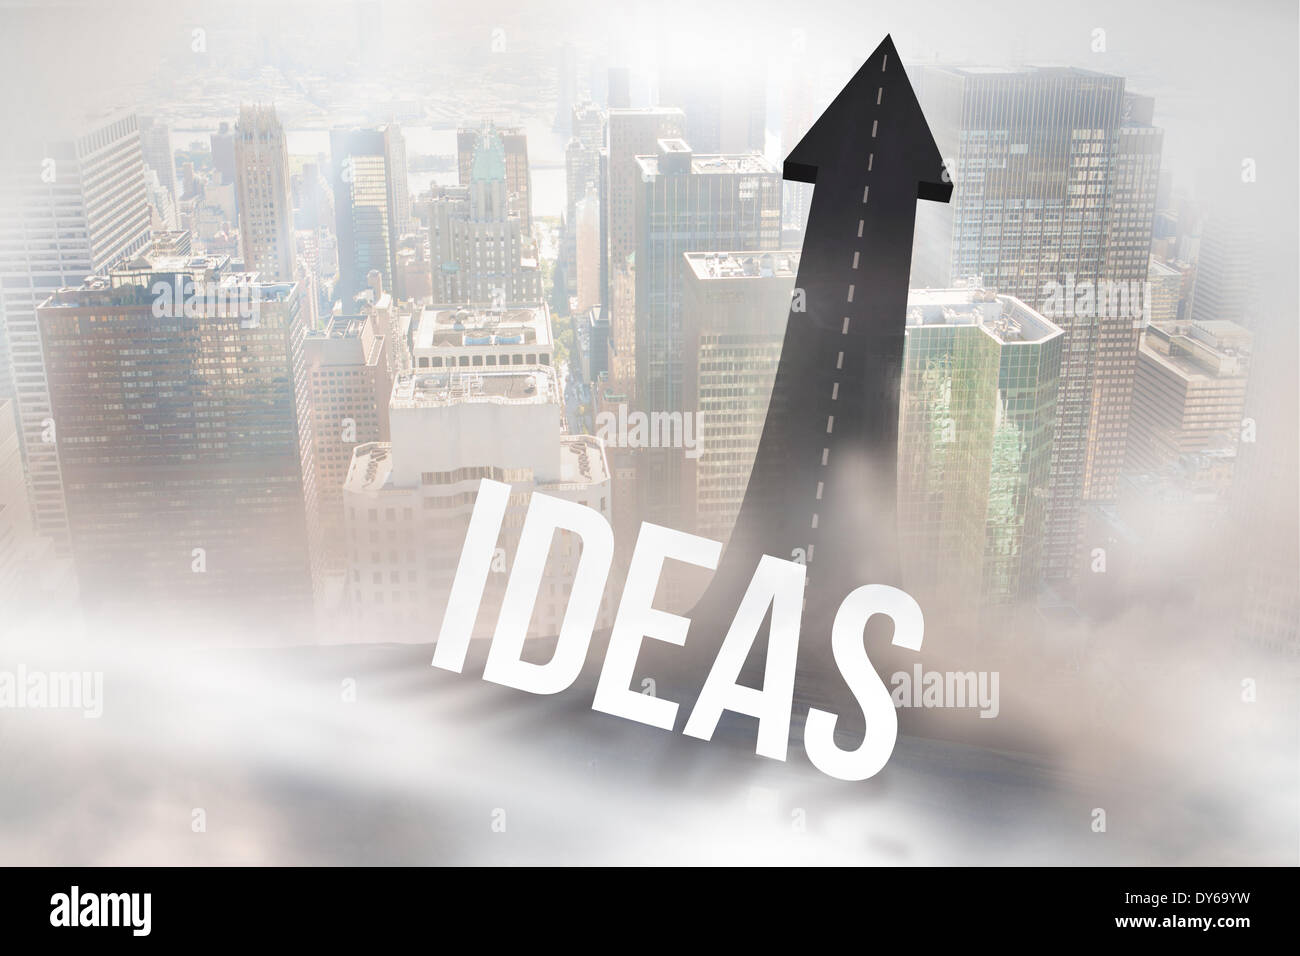 Idee contro la strada si trasforma in freccia Immagini Stock